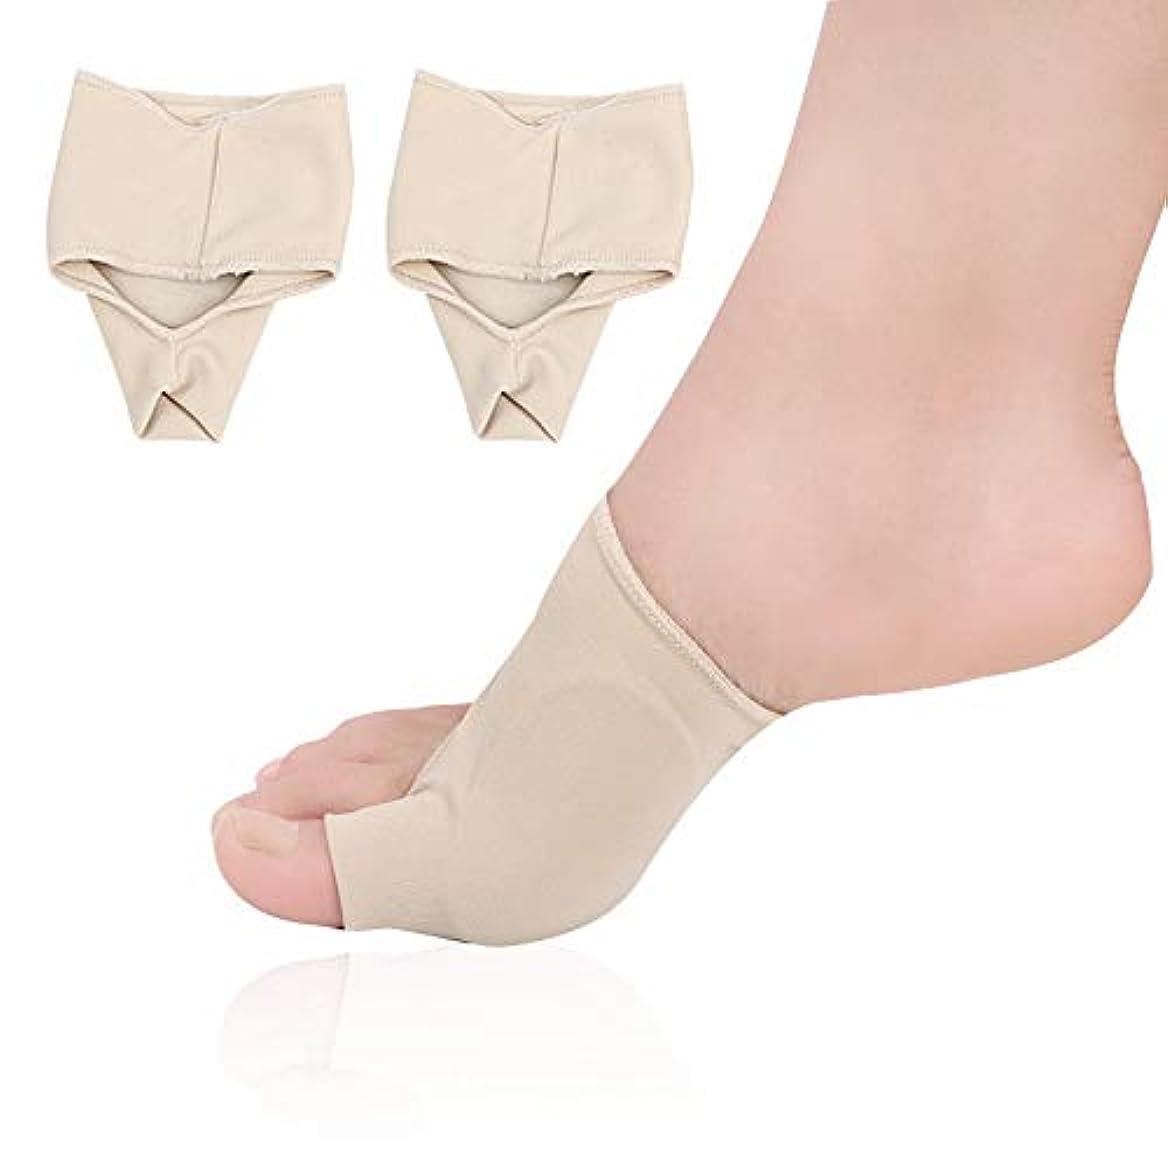 甥タップ追い付くつま先矯正靴下ケアつま先防止重複伸縮性の高いダンピング吸収汗通気性ライクラSEBS布,5pairs,L